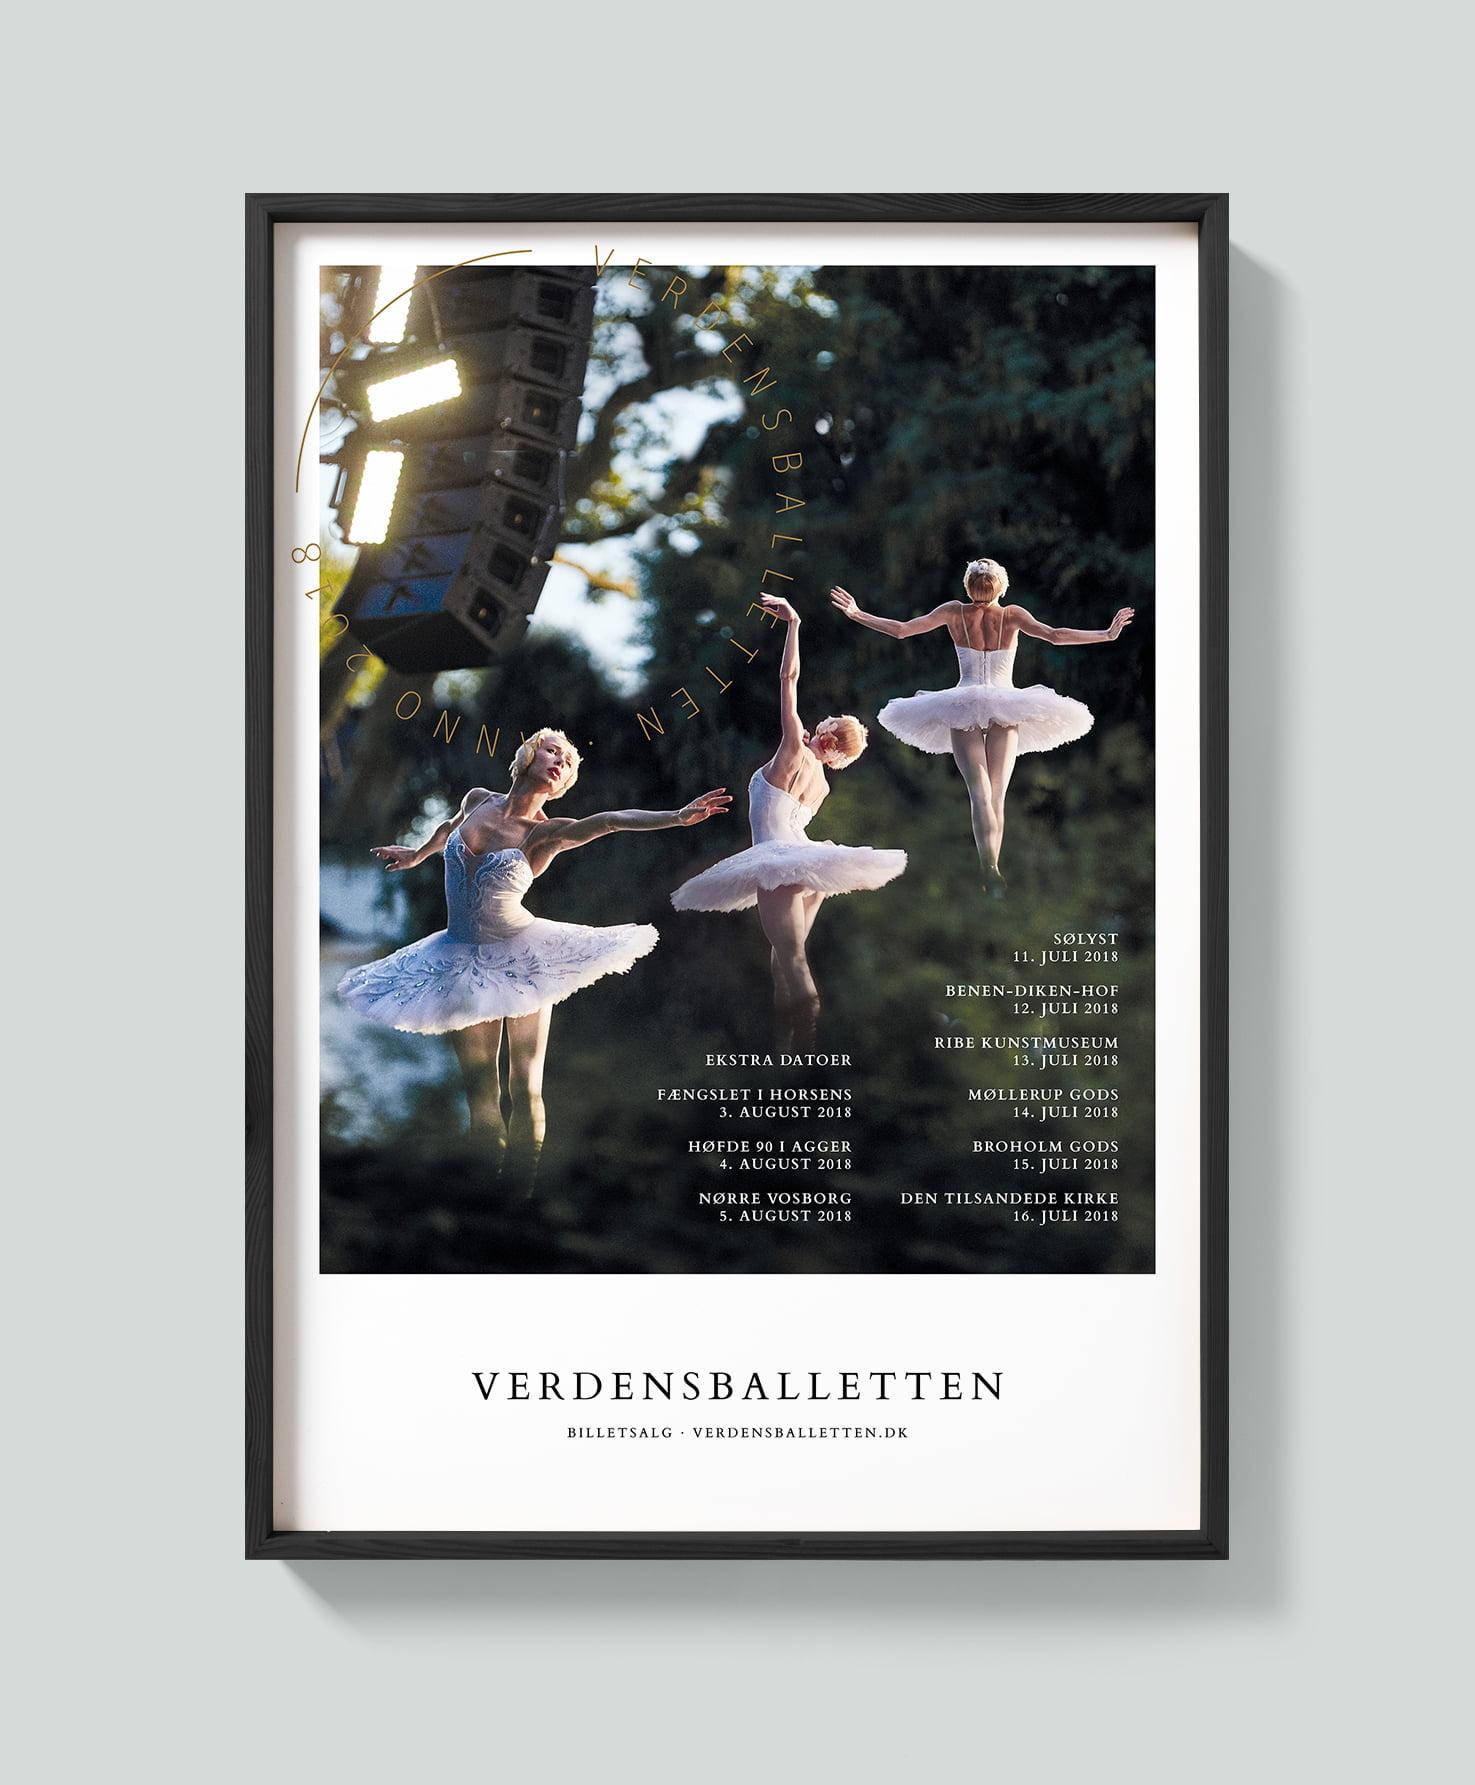 Verdensballetten_mockup poster_alle 2018 sort